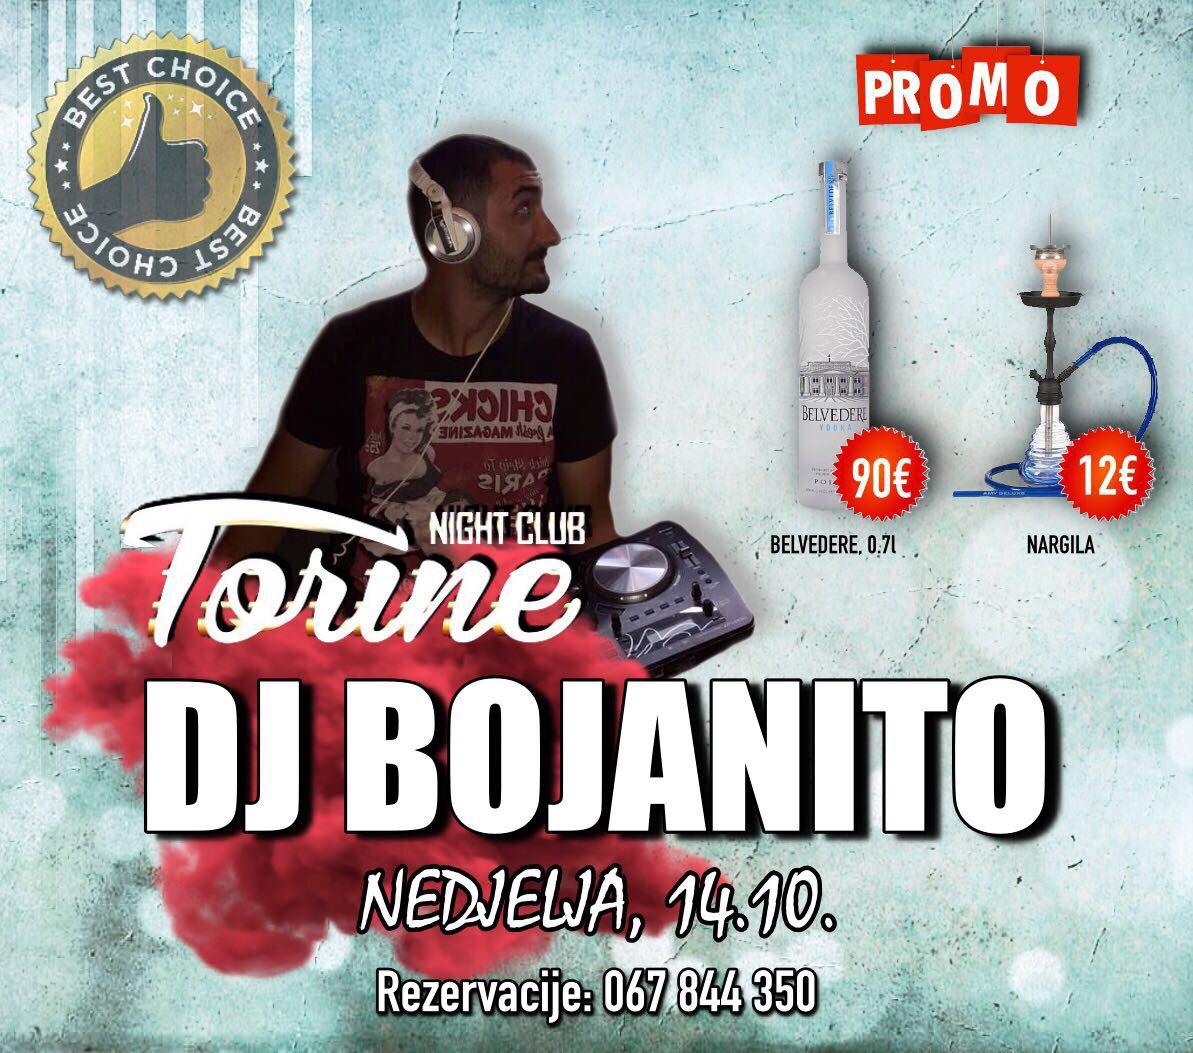 DJ Bojanito